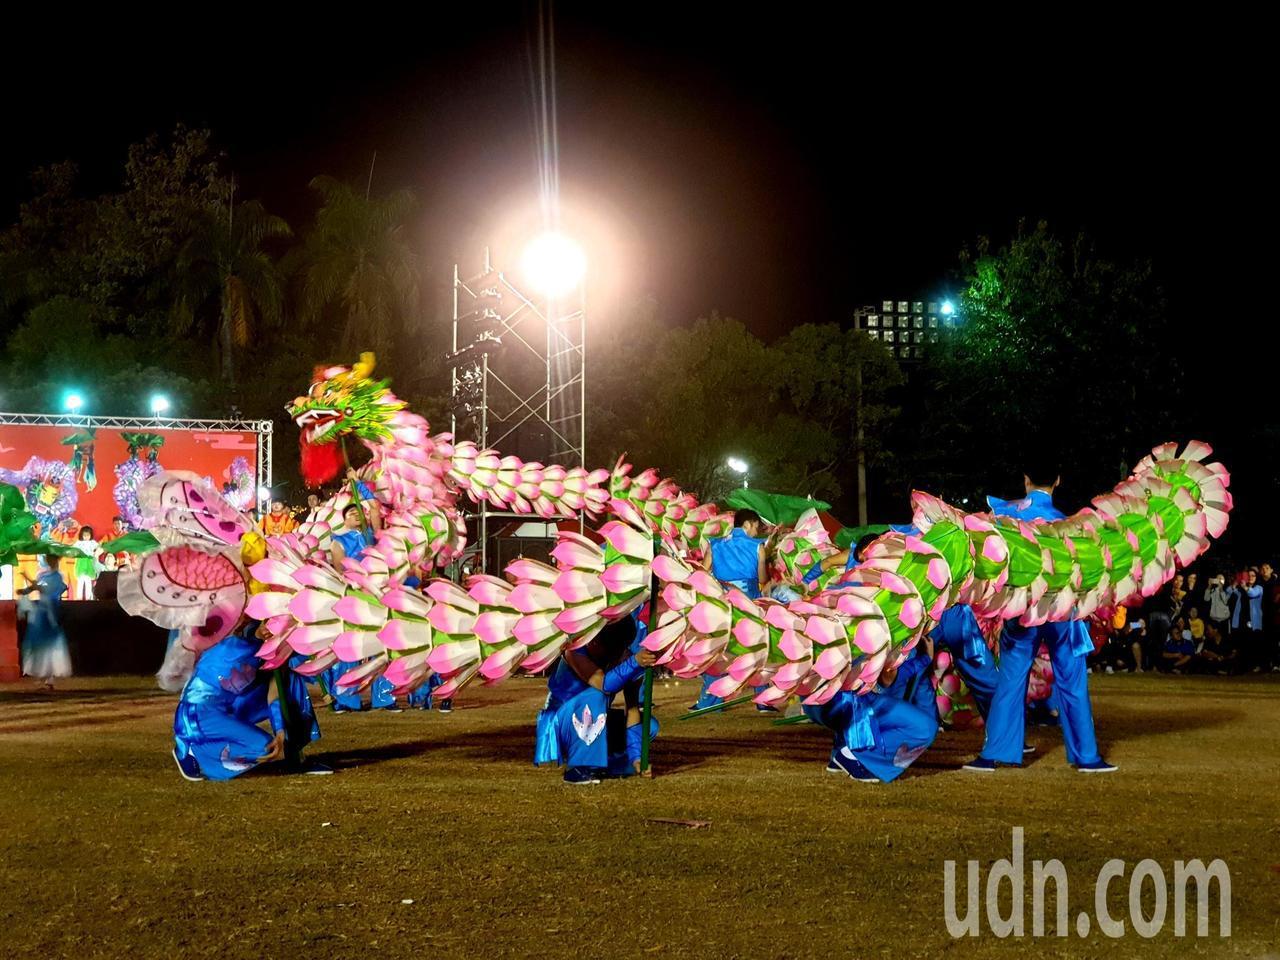 長興百葉龍以舞蹈展現巨龍在荷塘中誕生,柔中帶剛,被喻為中國最美麗神奇的舞龍。記者...